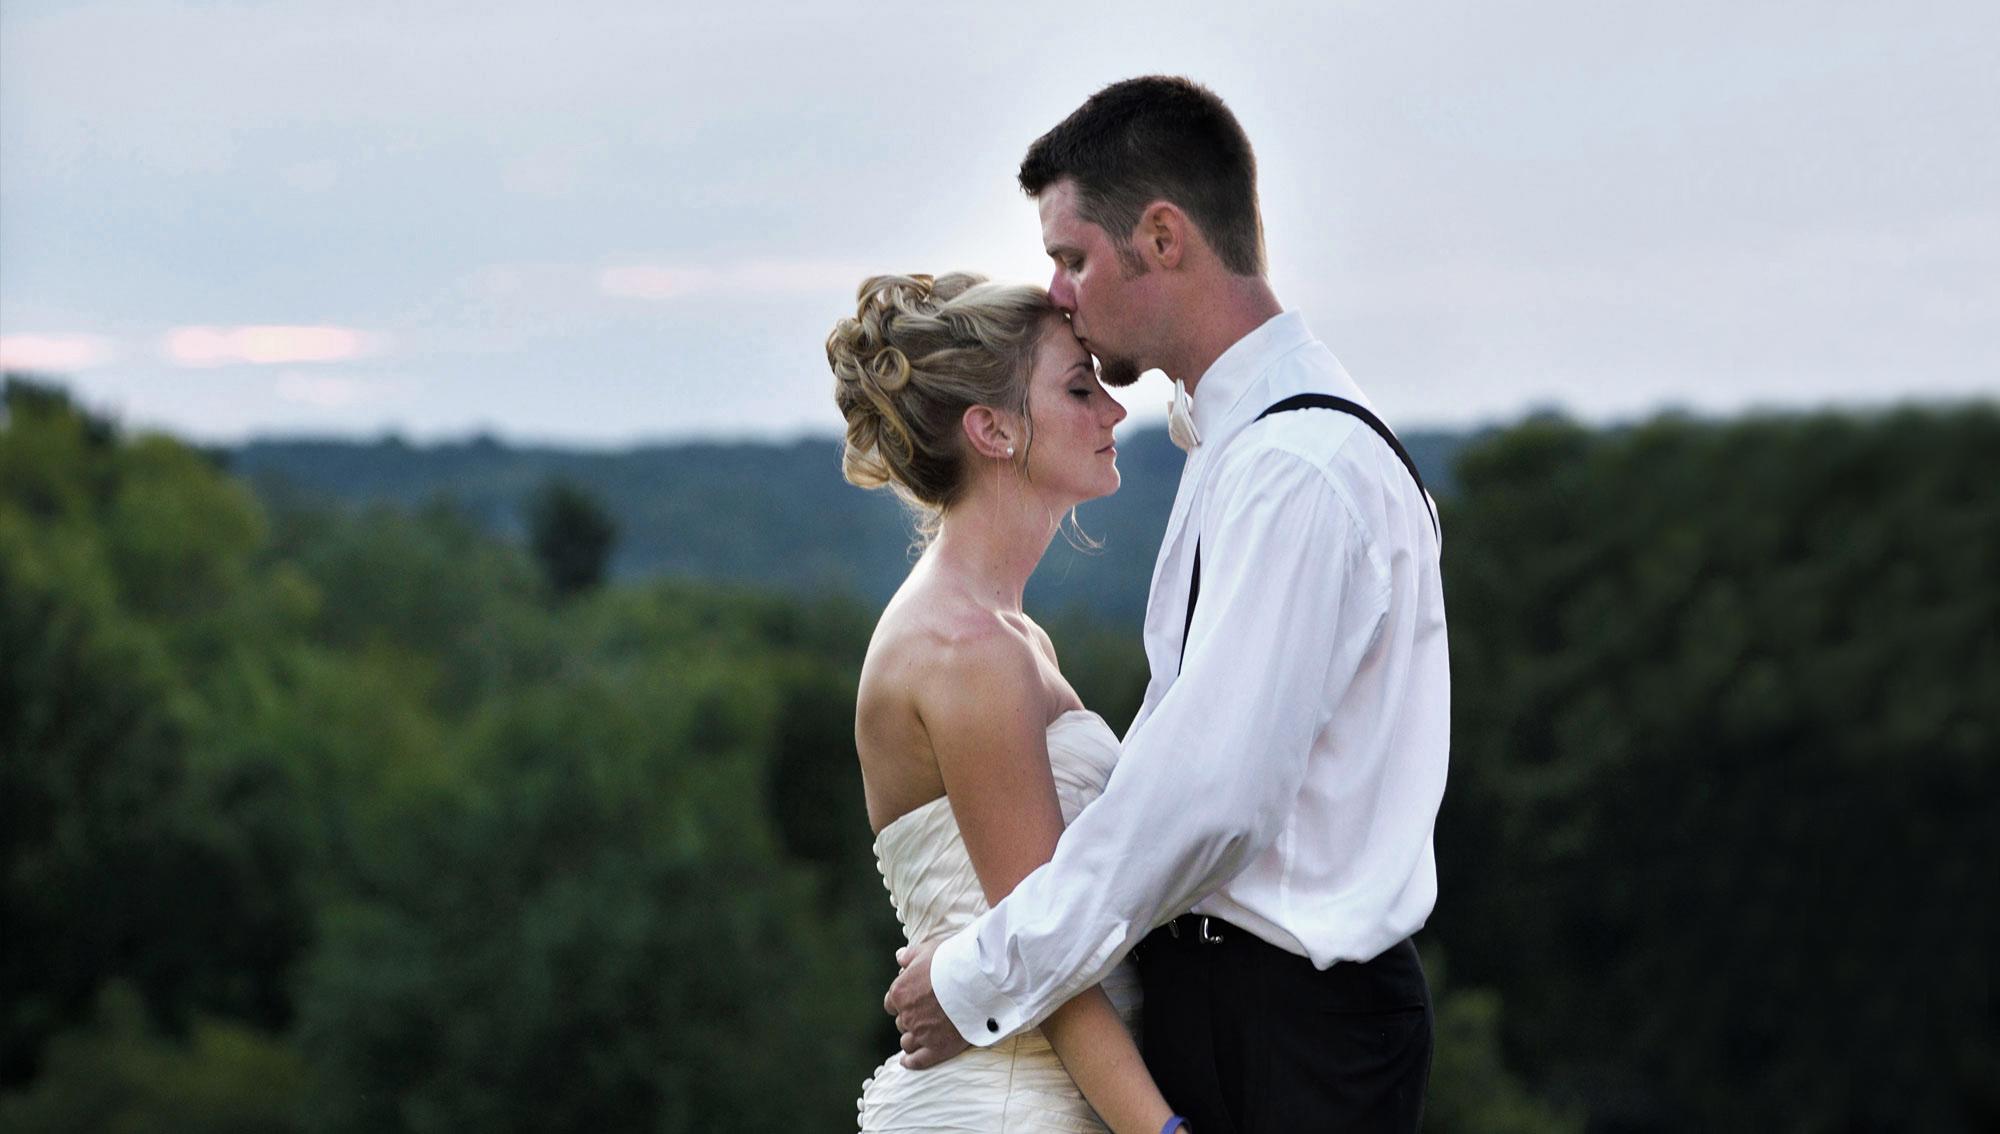 professional wedding photos akron ohio